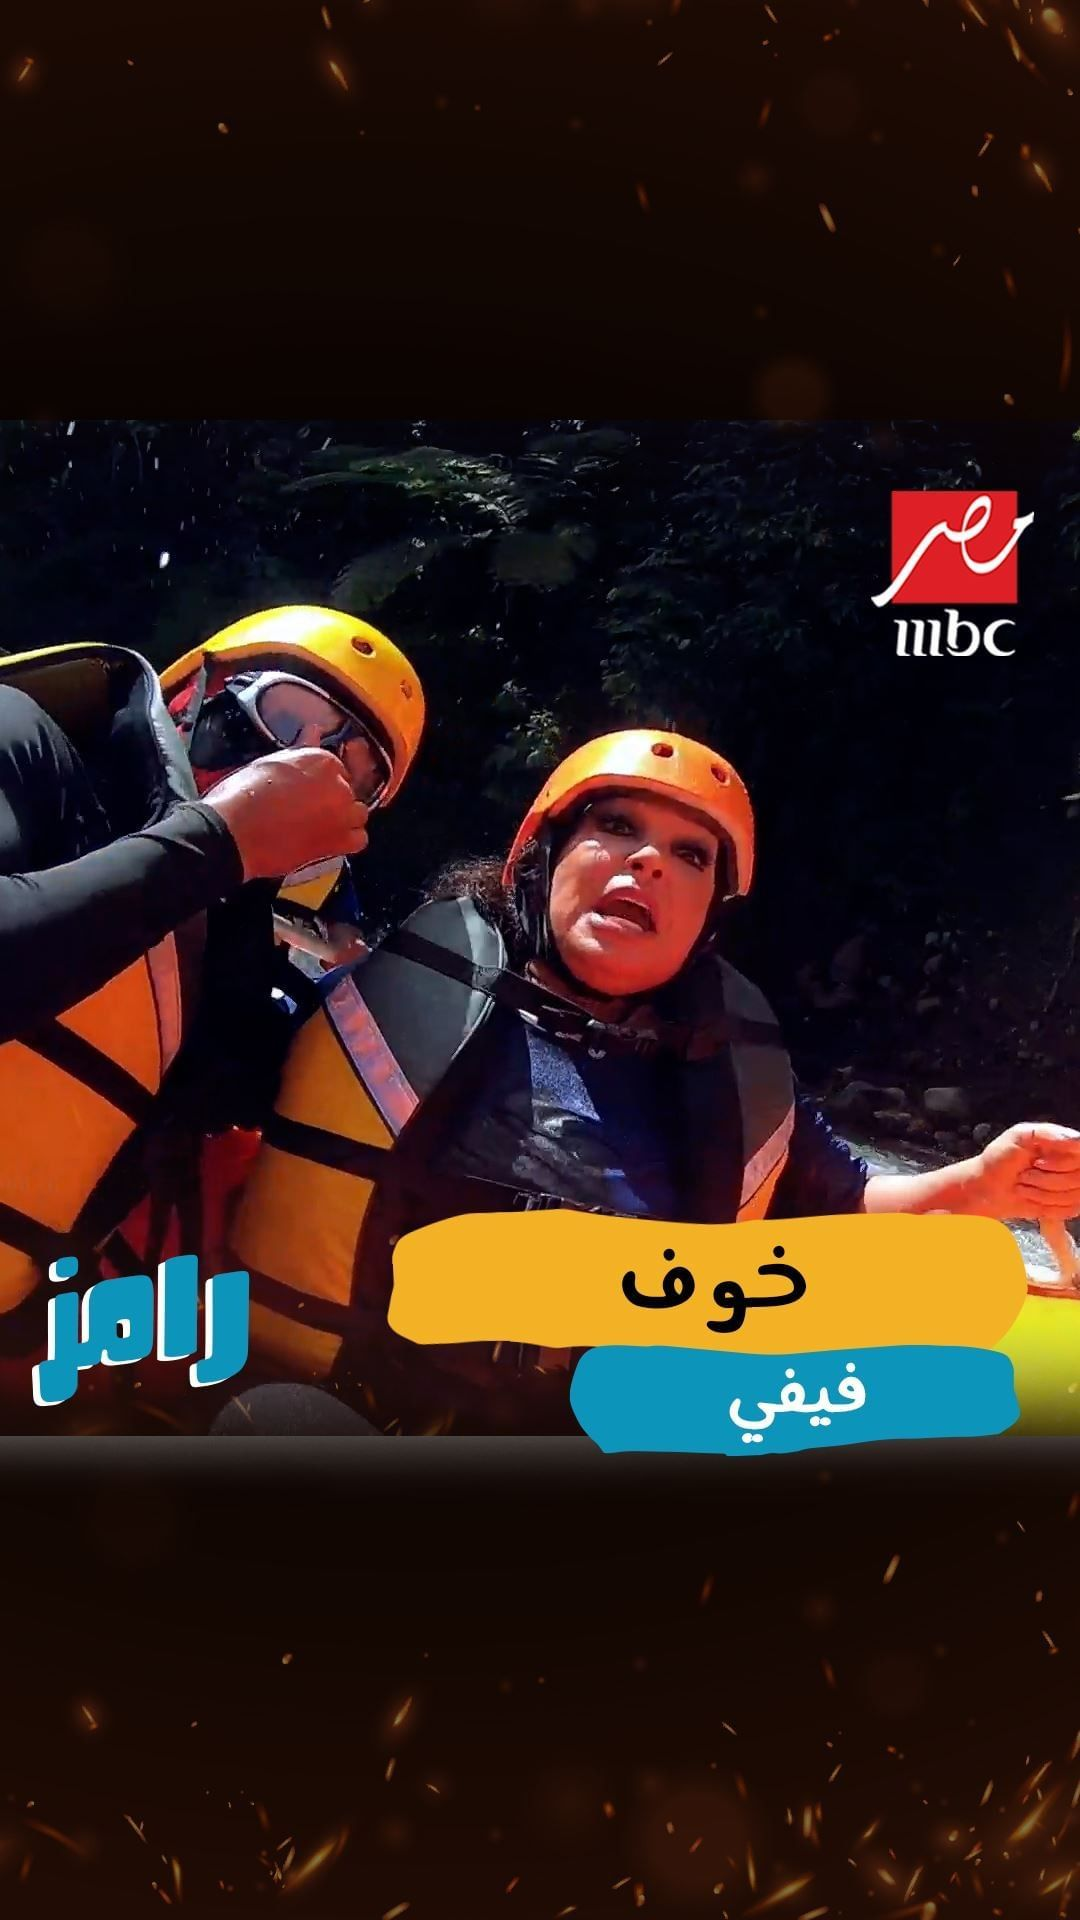 Mbc Masr On Instagram فيفي عبده وأسؤا لحظات حياتها في مقلب رامز في الشلال Mbcmasr Movie Posters Movies Poster